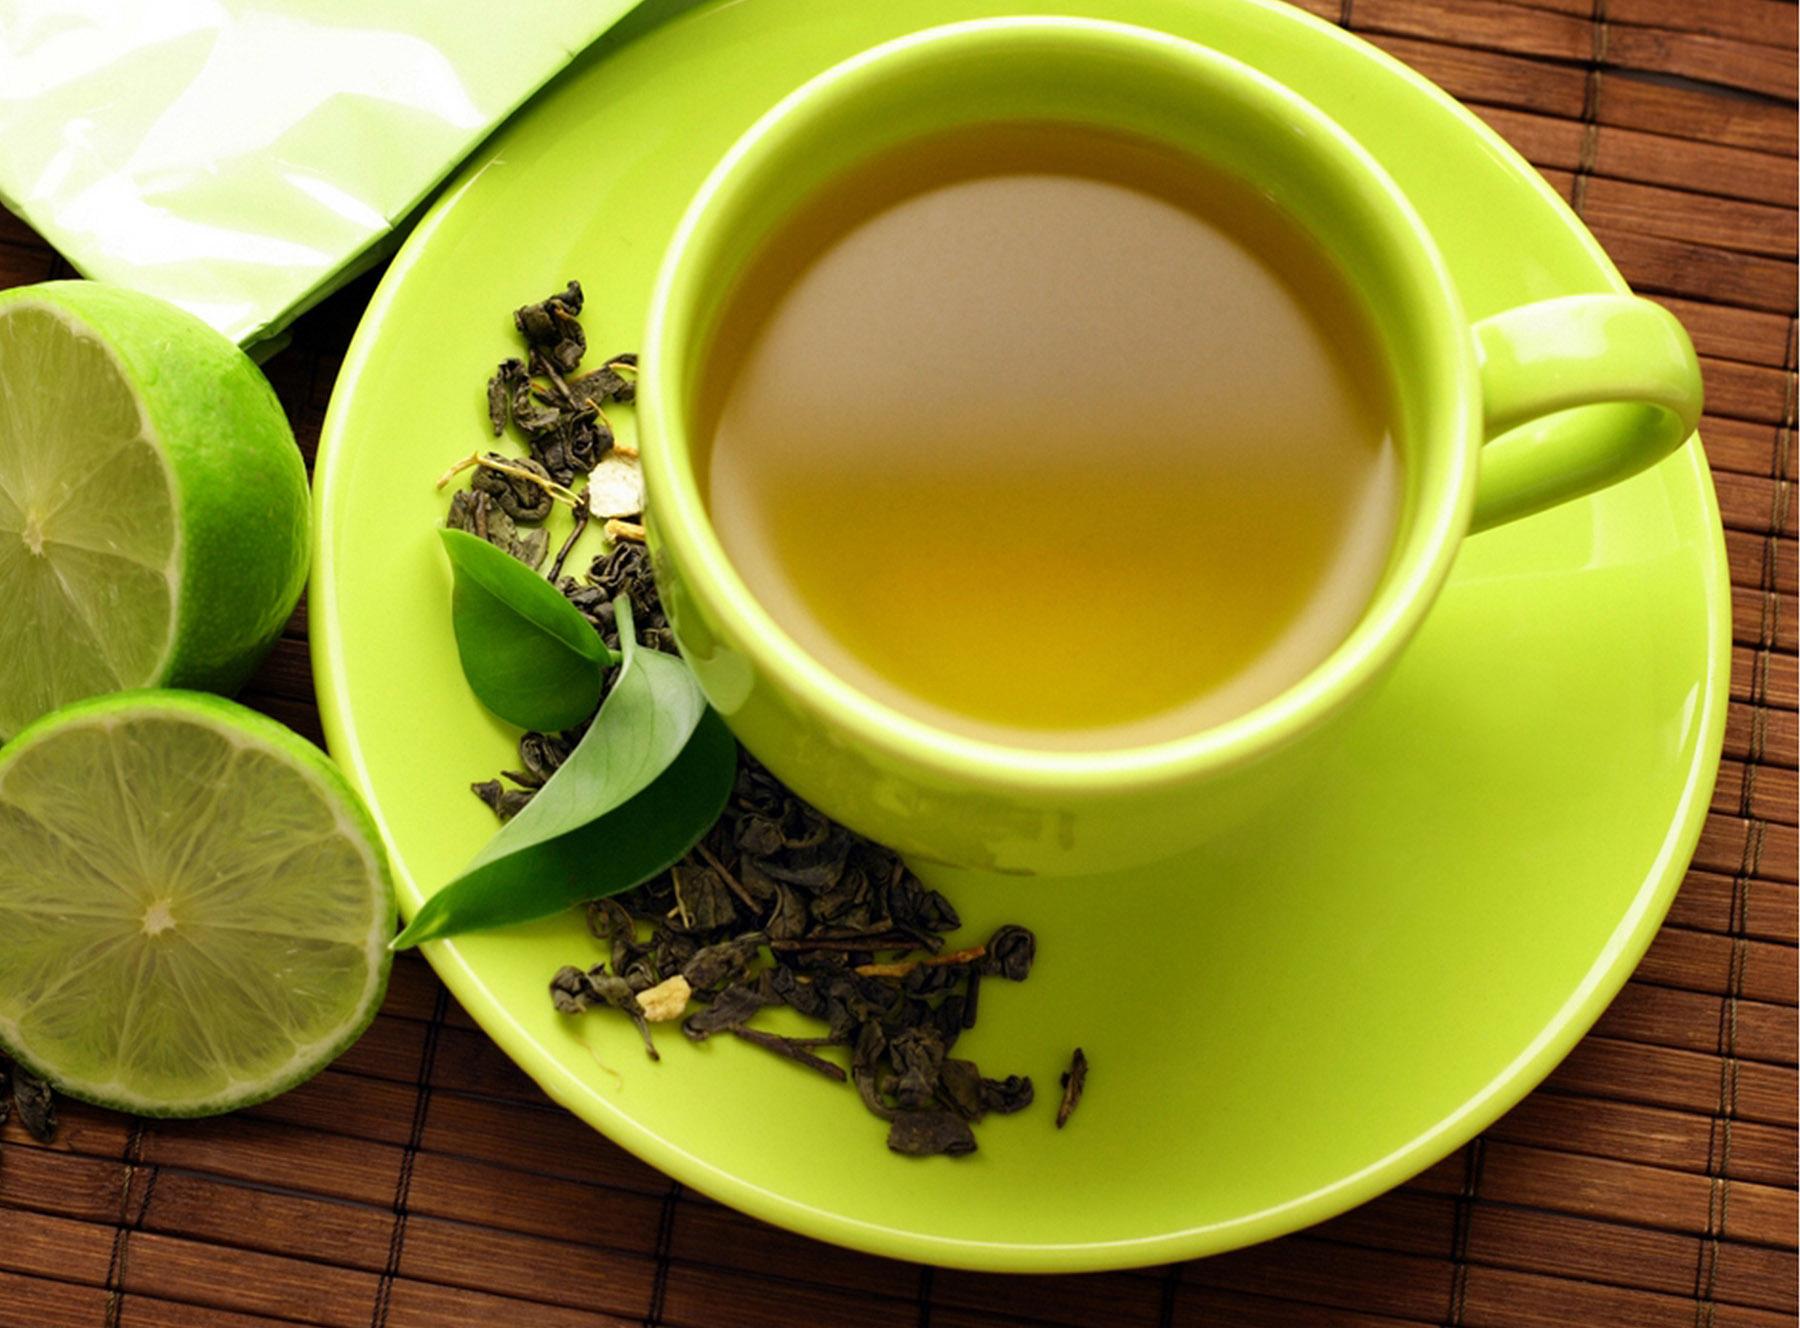 Зеленый чай помогает улучшить память человека